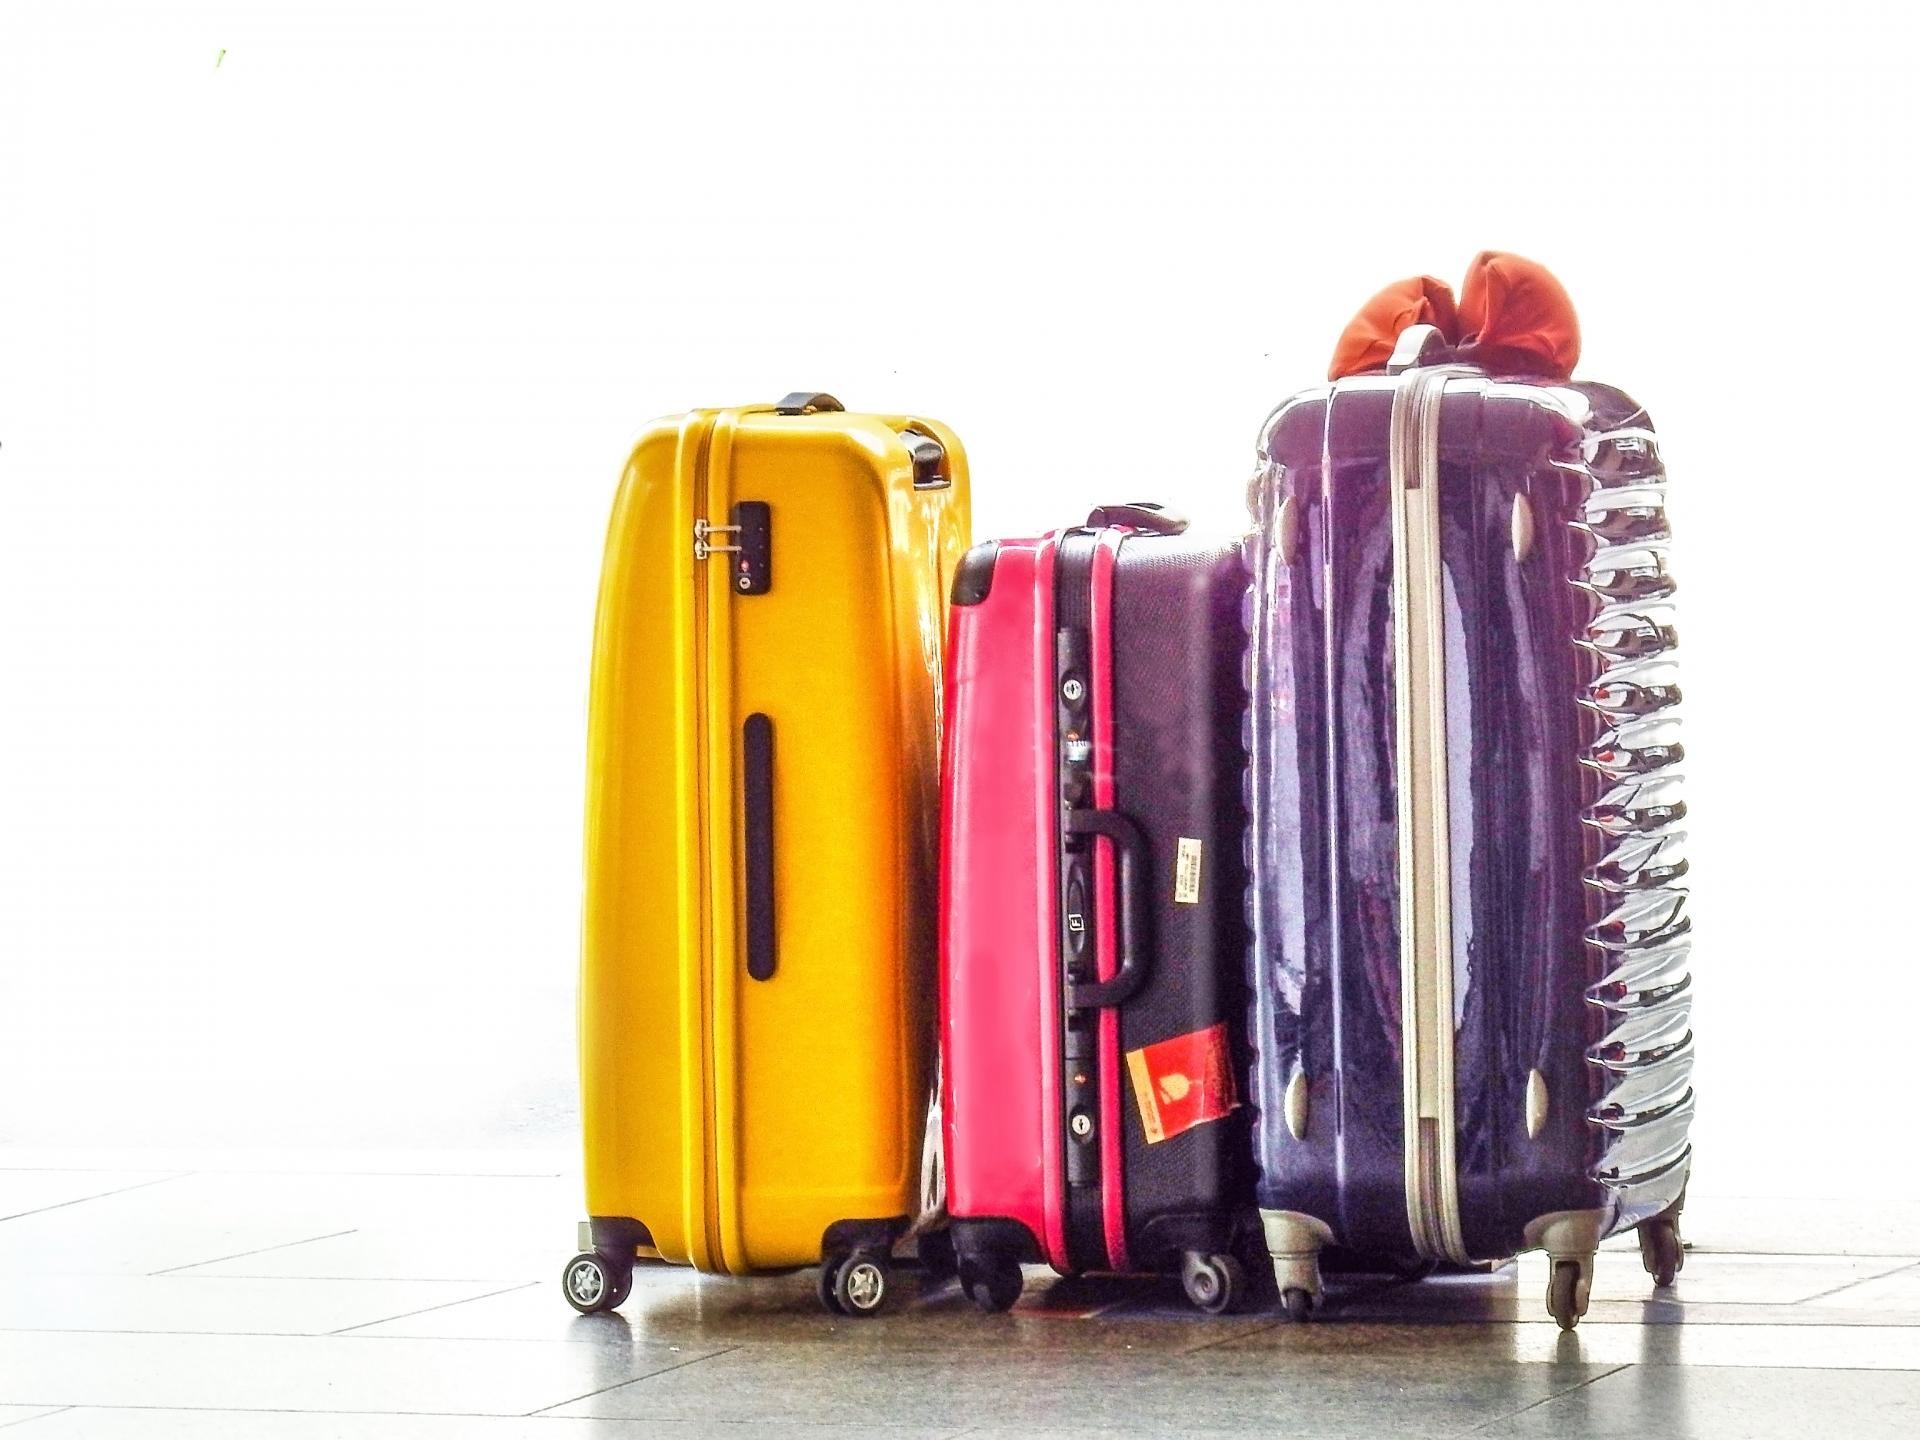 子連れの沖縄旅行で失敗しないための持ち物リストと荷造り方法